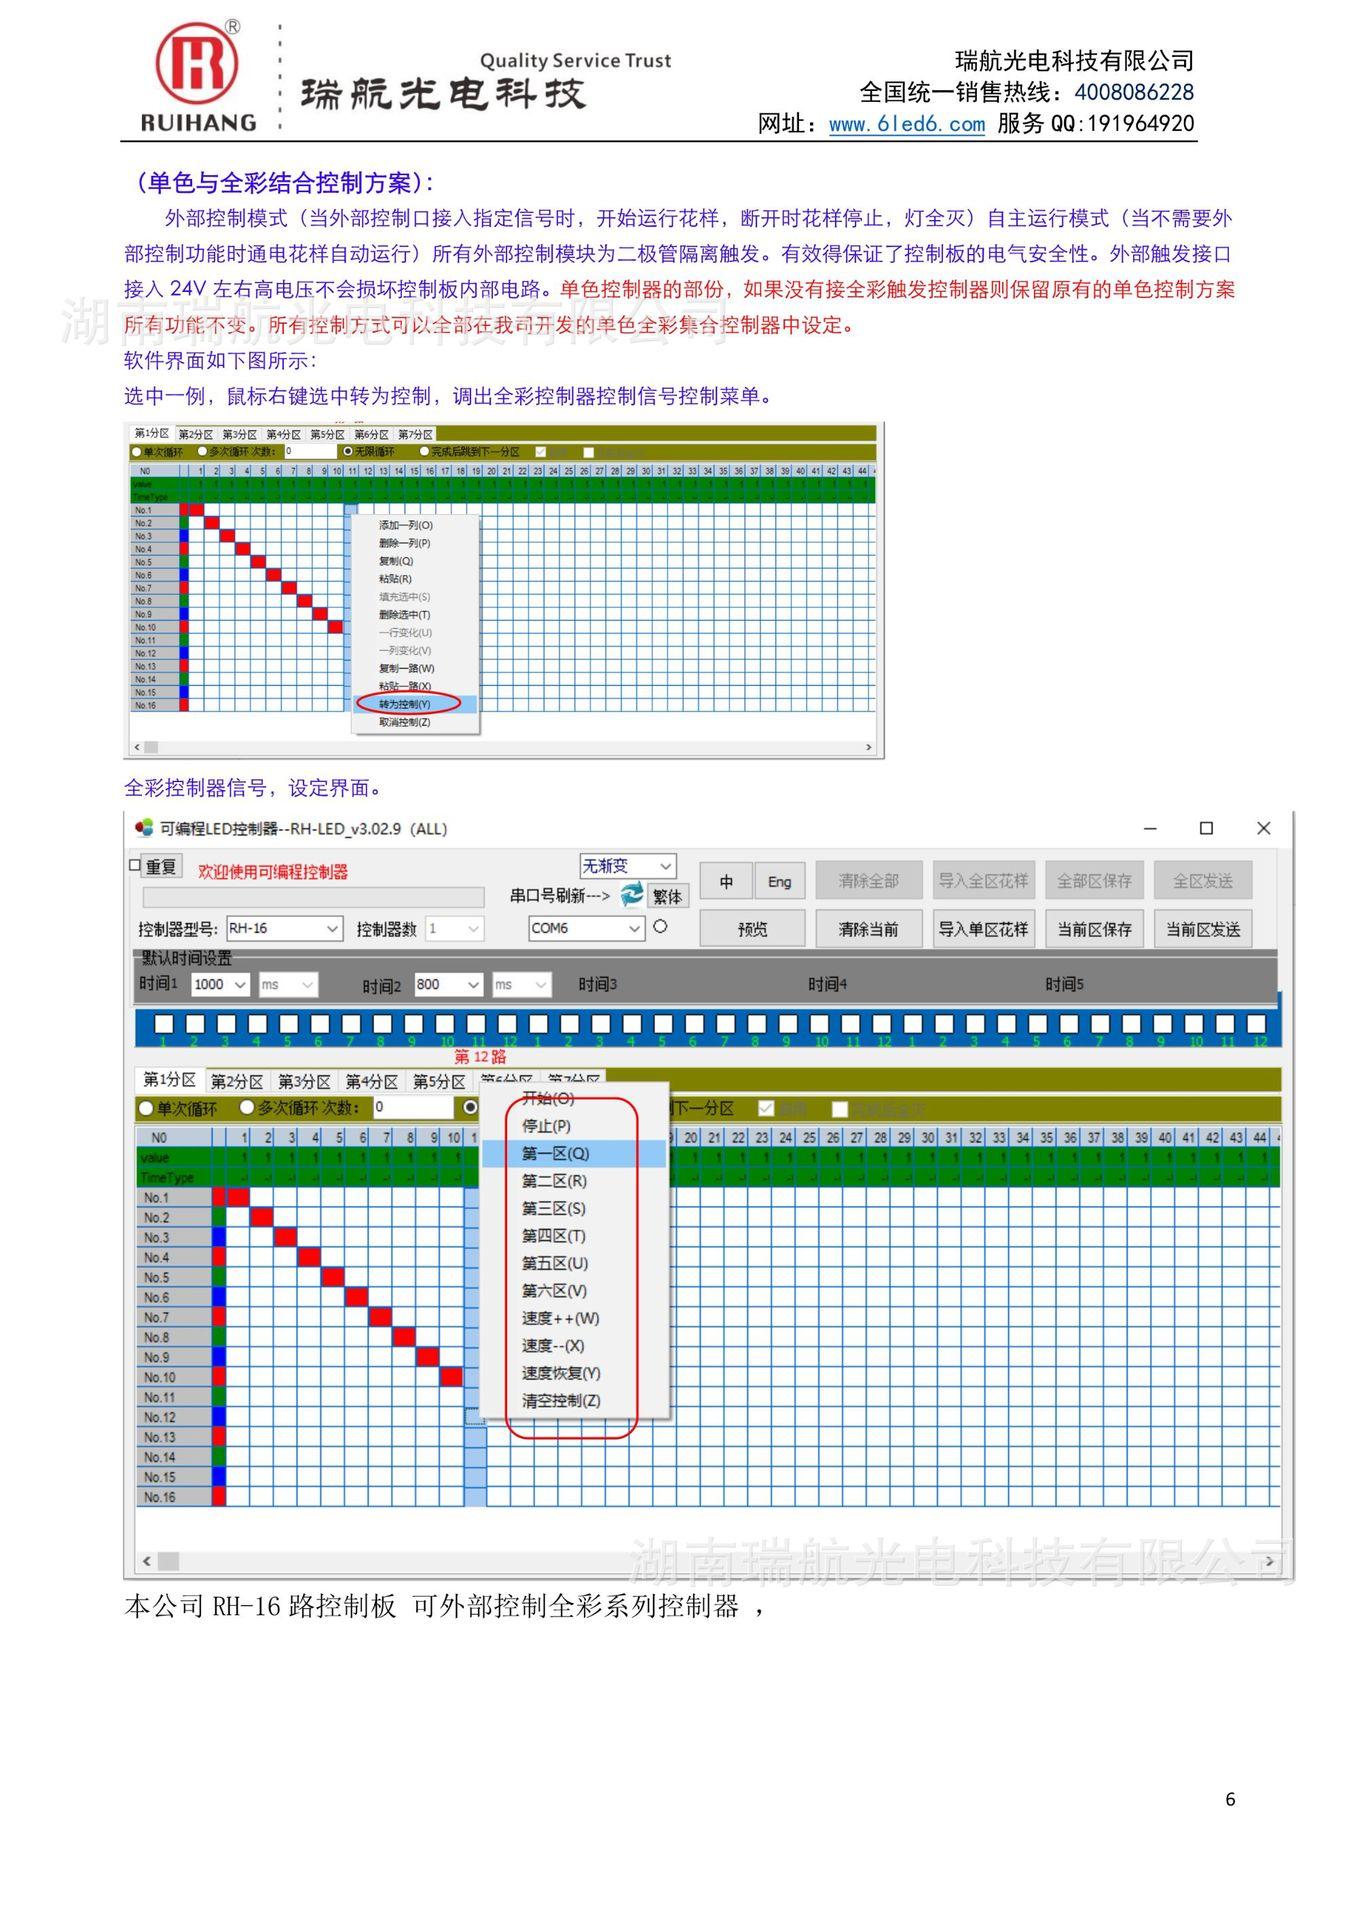 全彩万博客户端下载-RH-CM-T-U-X说明书_6.jpg